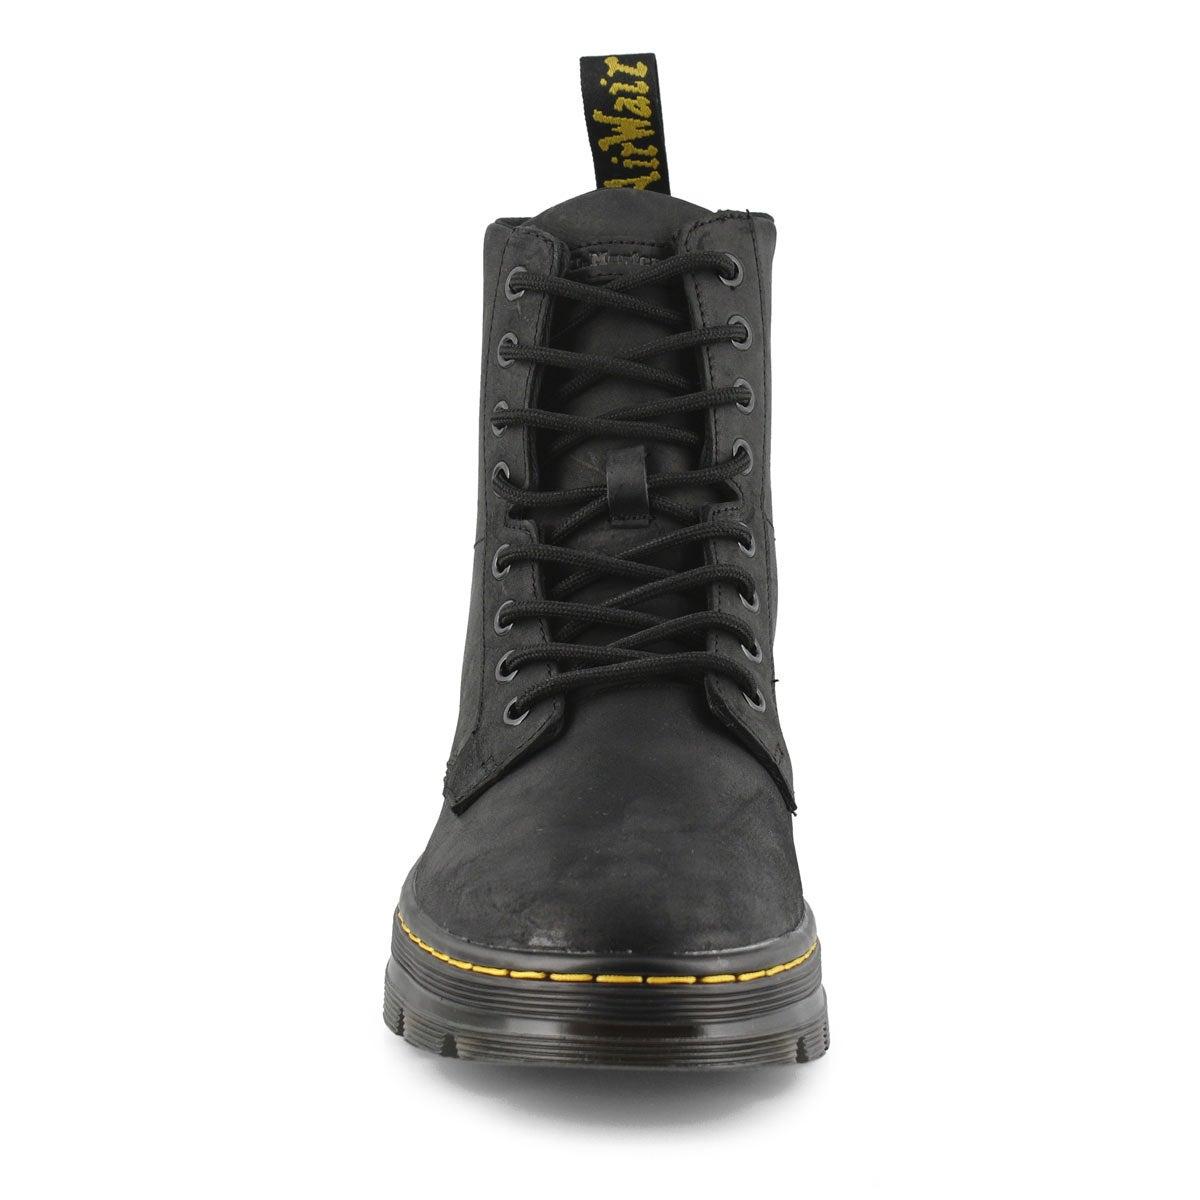 Bottes militaires lacées COMBS, noir, hommes